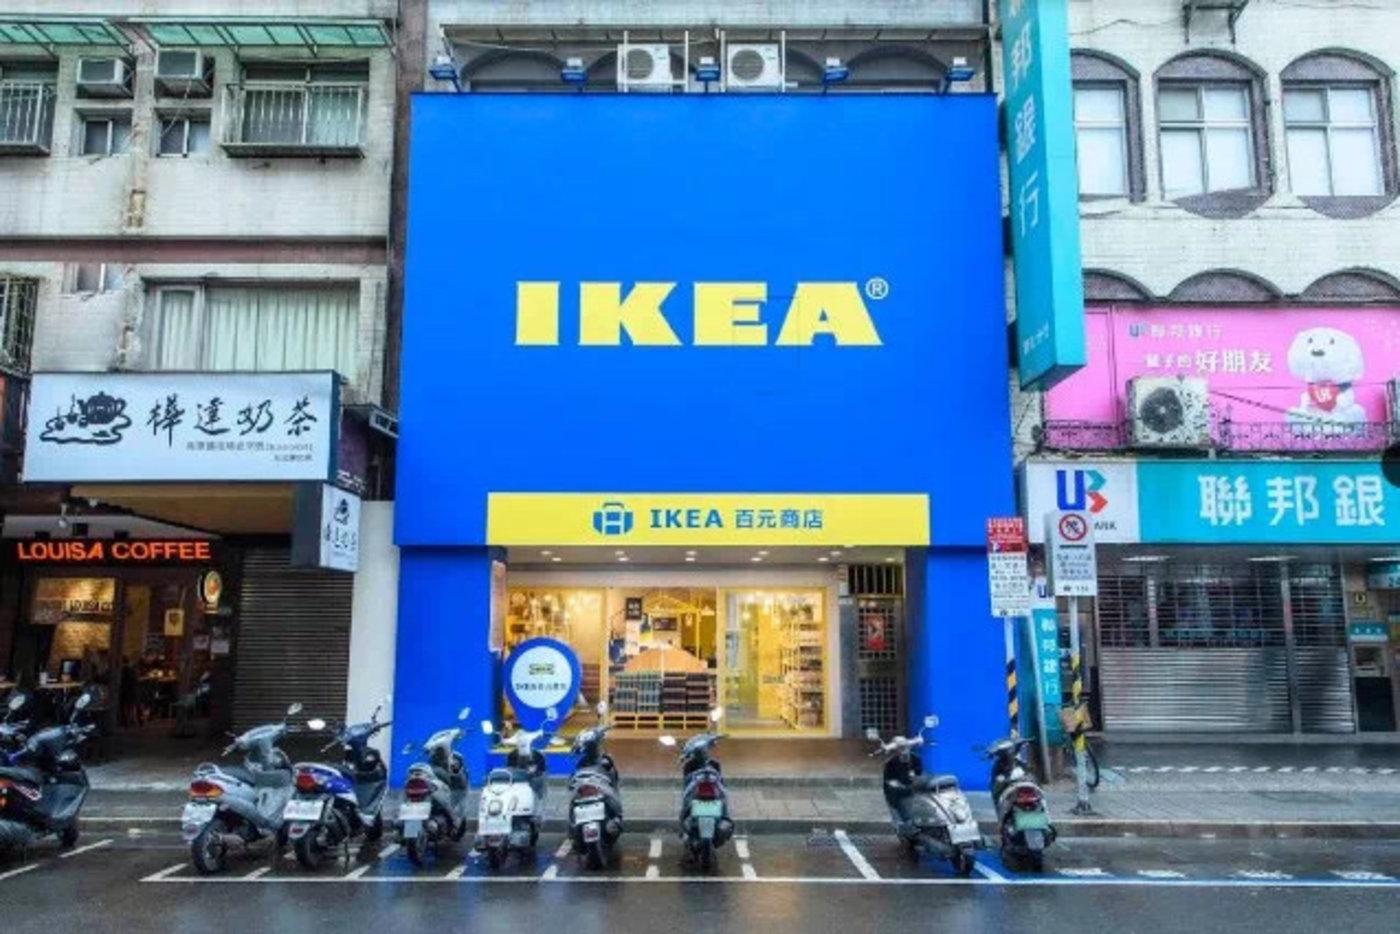 位于台北的宜家小型门店